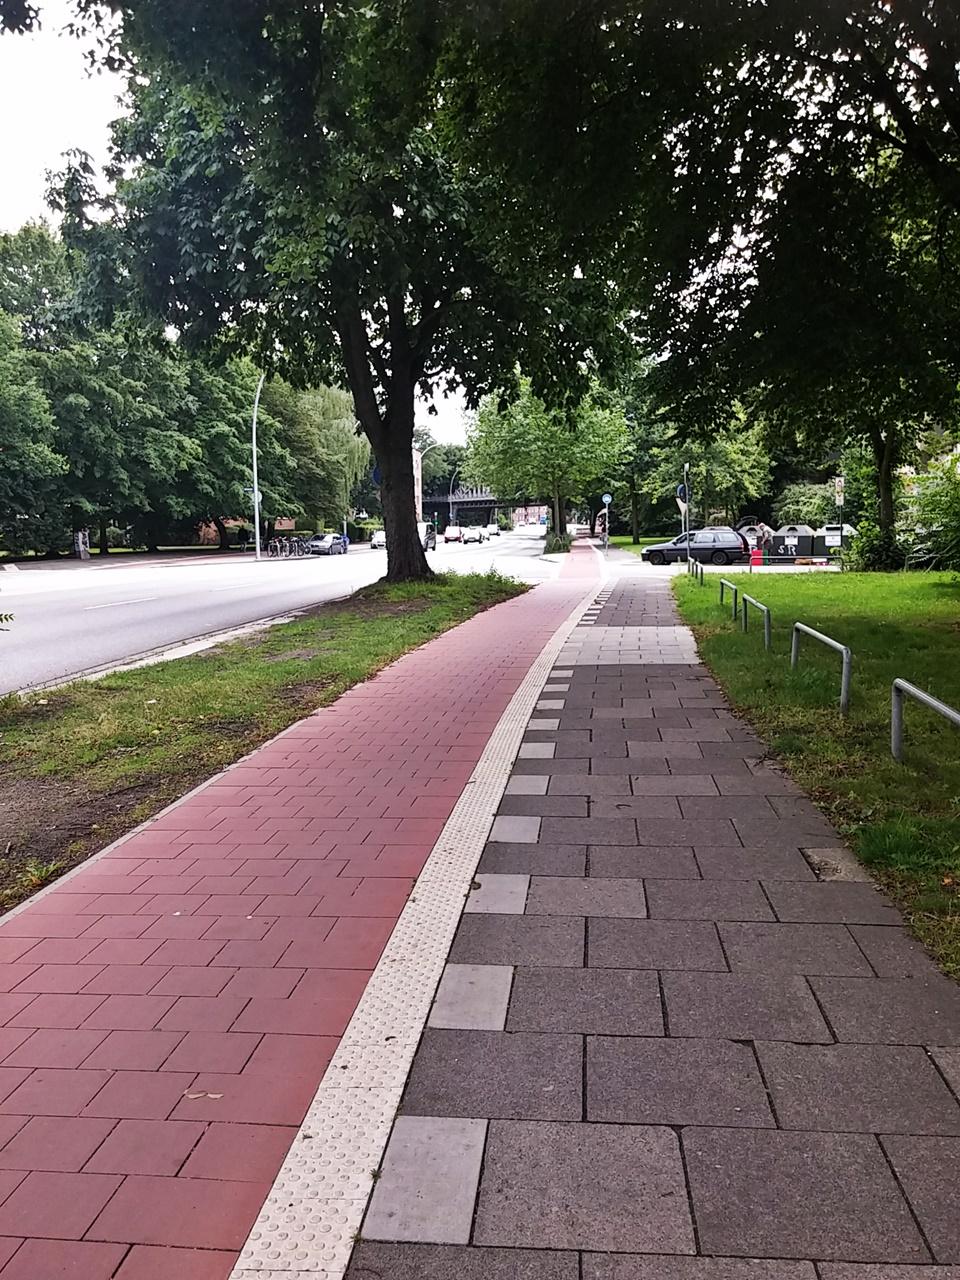 Einheitliche Farbe kennzeichnet den Radweg vor und hinter der Einmündung der Birkenau.